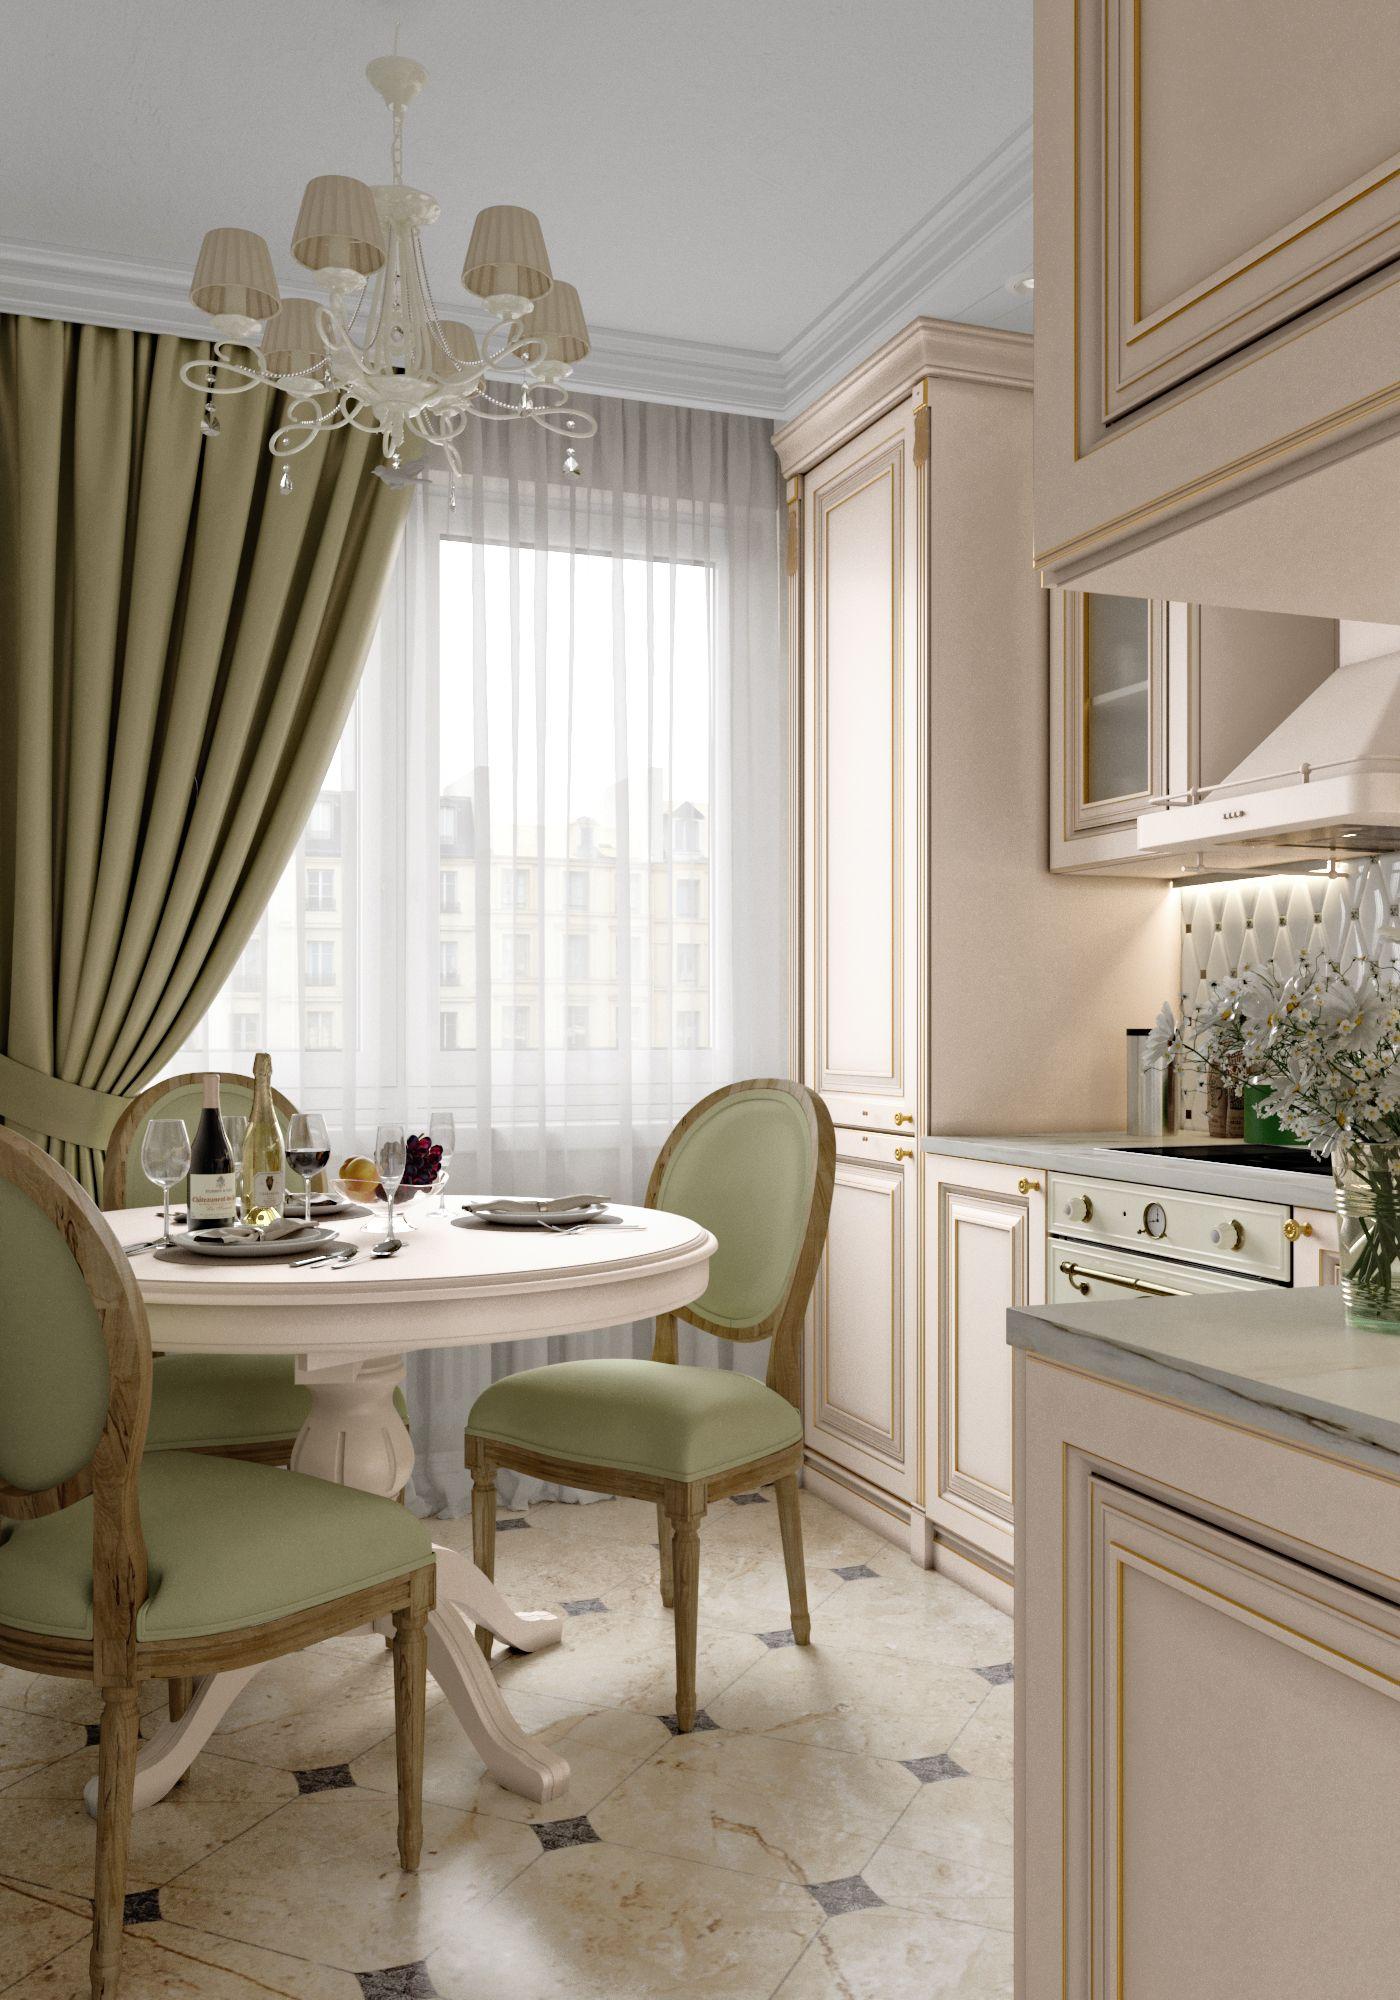 Классическая кухня | Кухня в классическом стиле | Дизайн ...